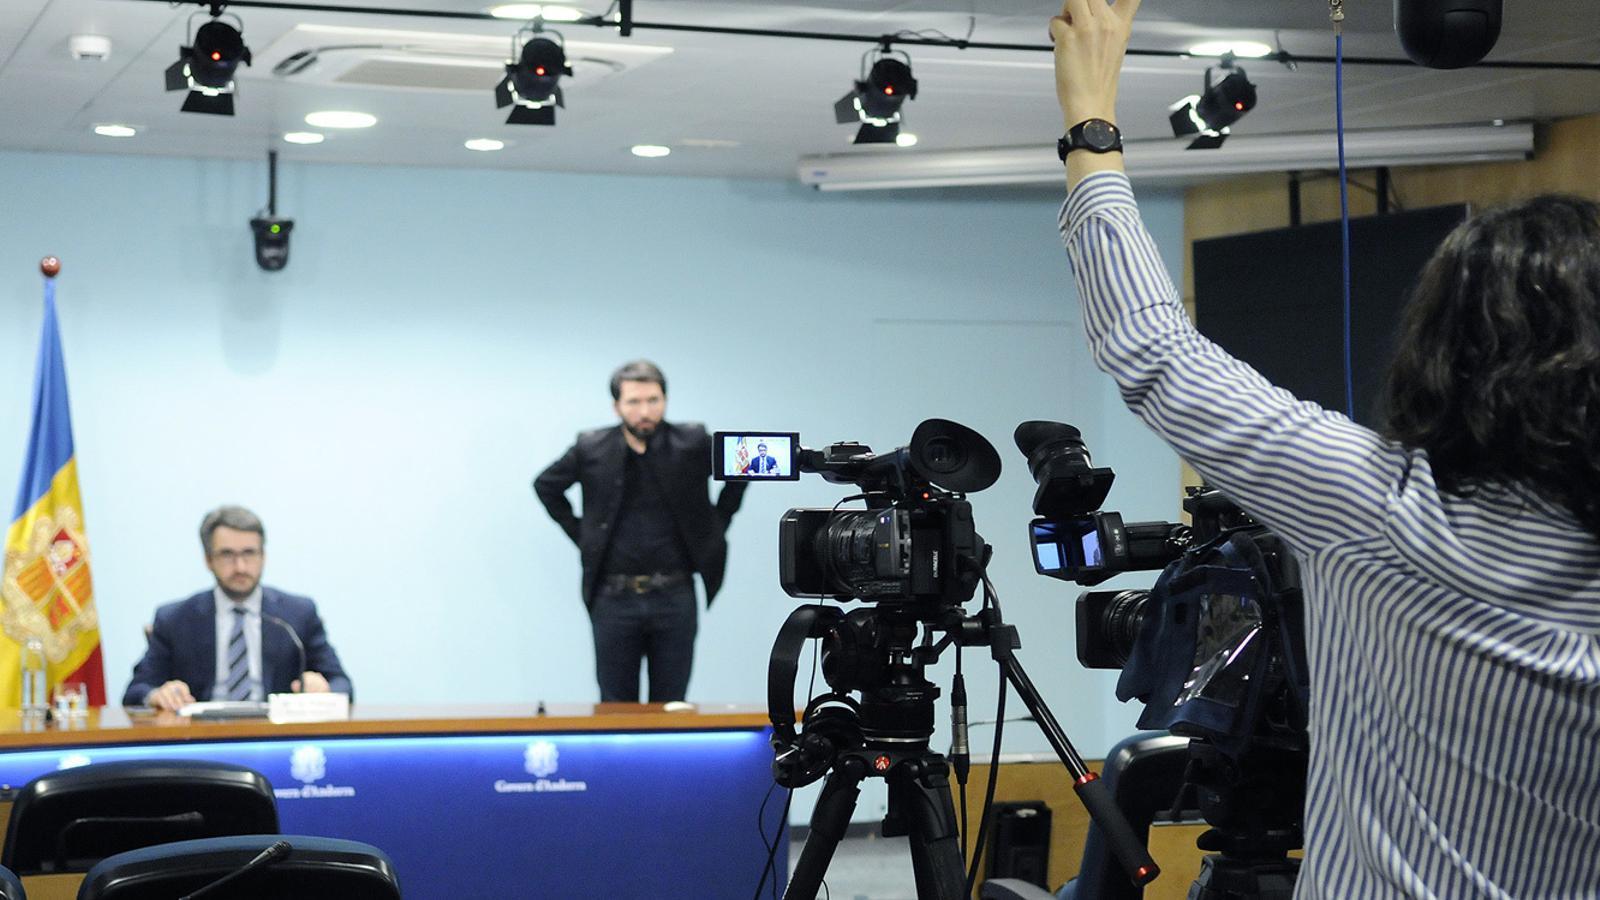 Un moment de la roda de premsa del ministre portaveu, Eric Jover. / SFG